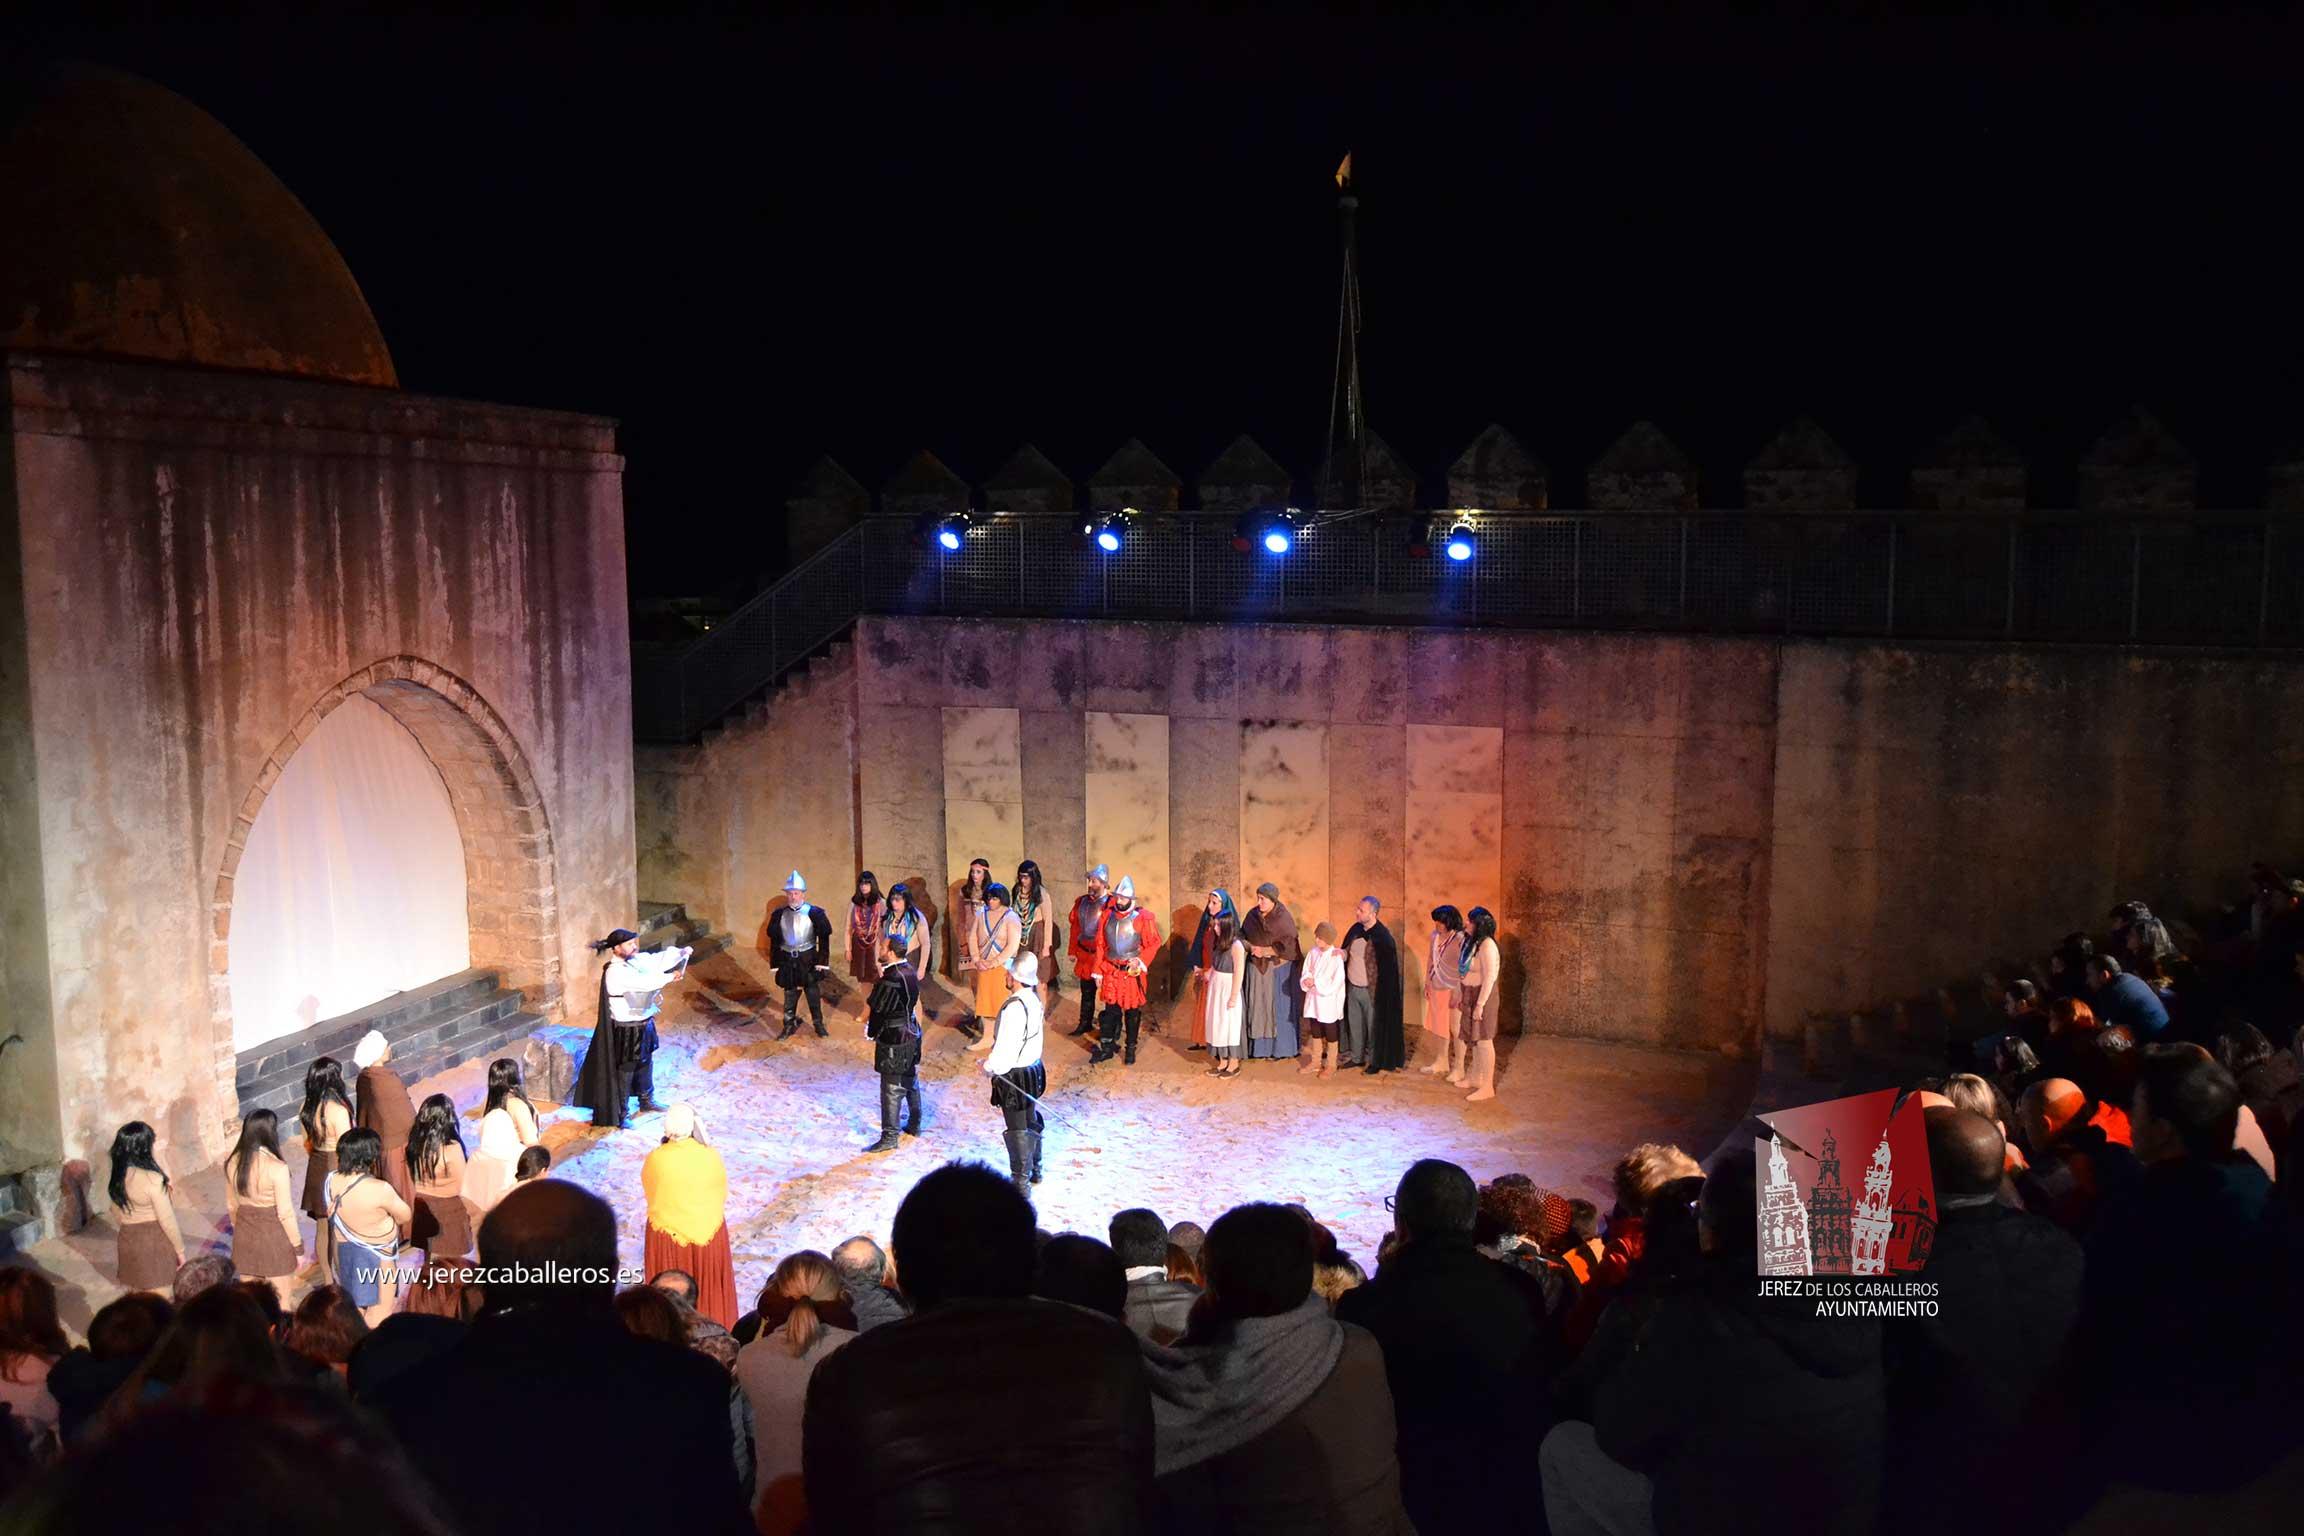 La representación teatral  'Balboa, la llave de la última frontera' acercó la historia del descubridor del pacifico a los jerezanos